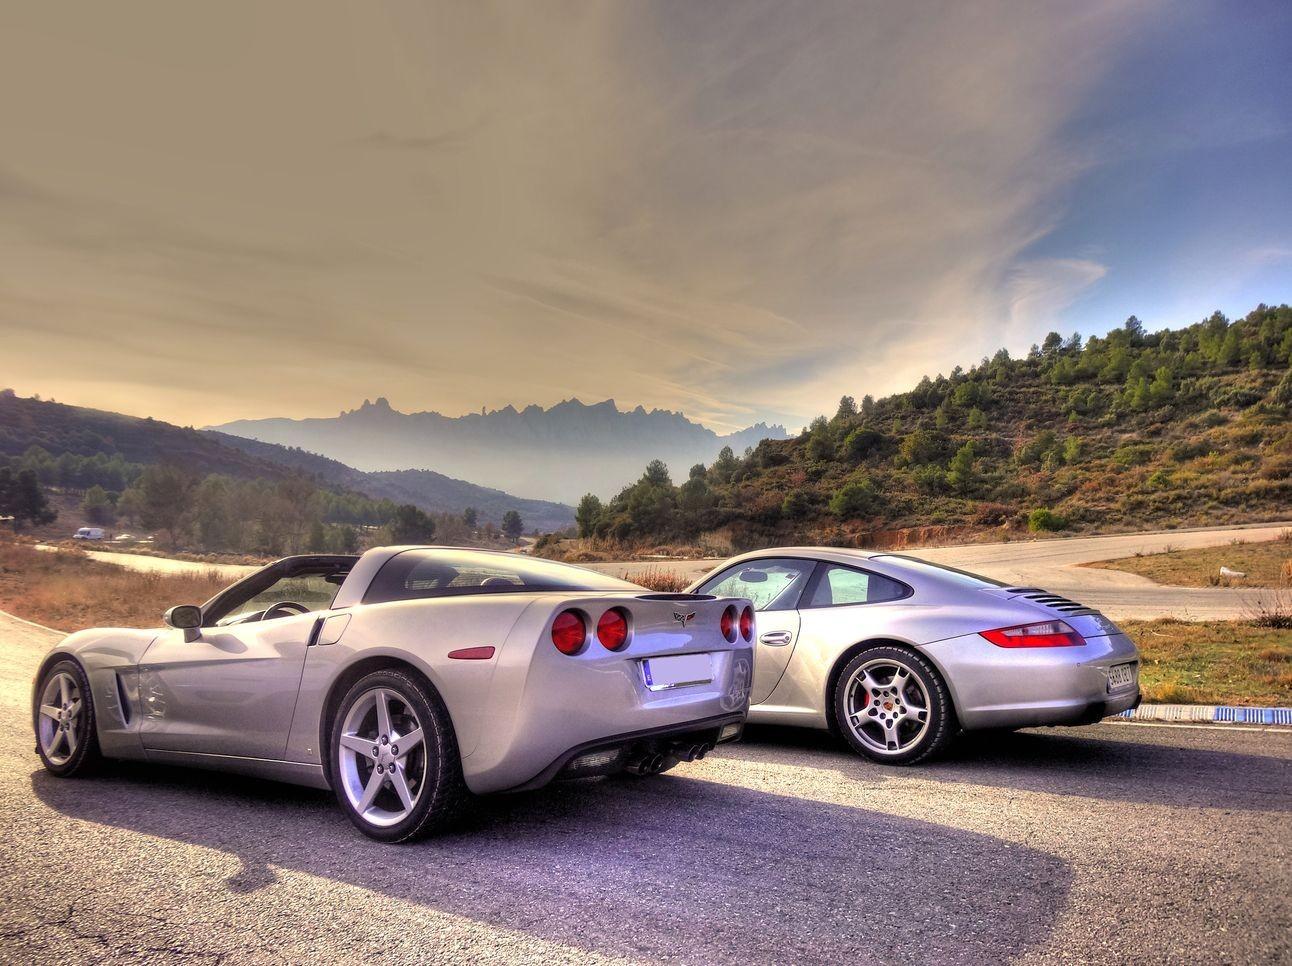 conduce un Porsche Carrera un Corvette o un Ferrari  F430 Spider desde solo 25 euritos